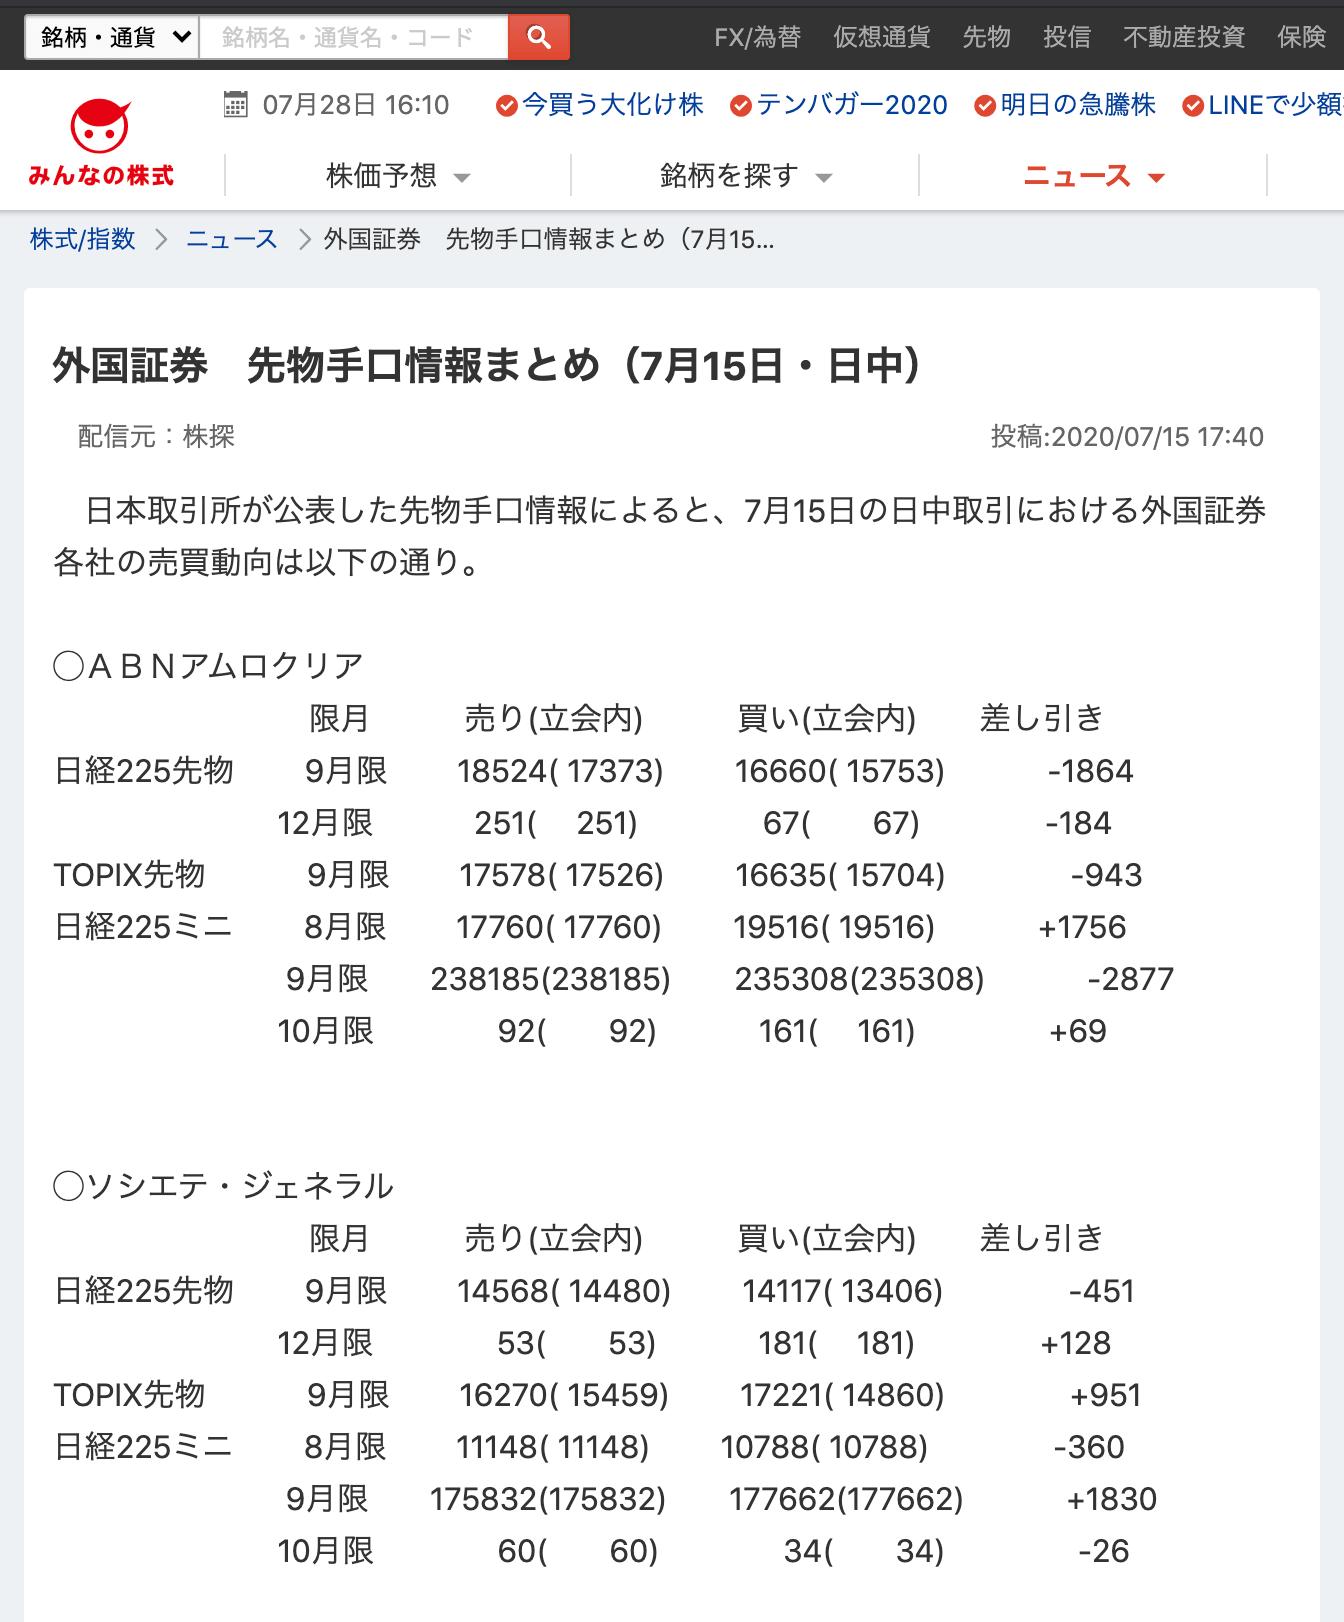 外国証券 先物手口情報まとめ(7月10日・日中)